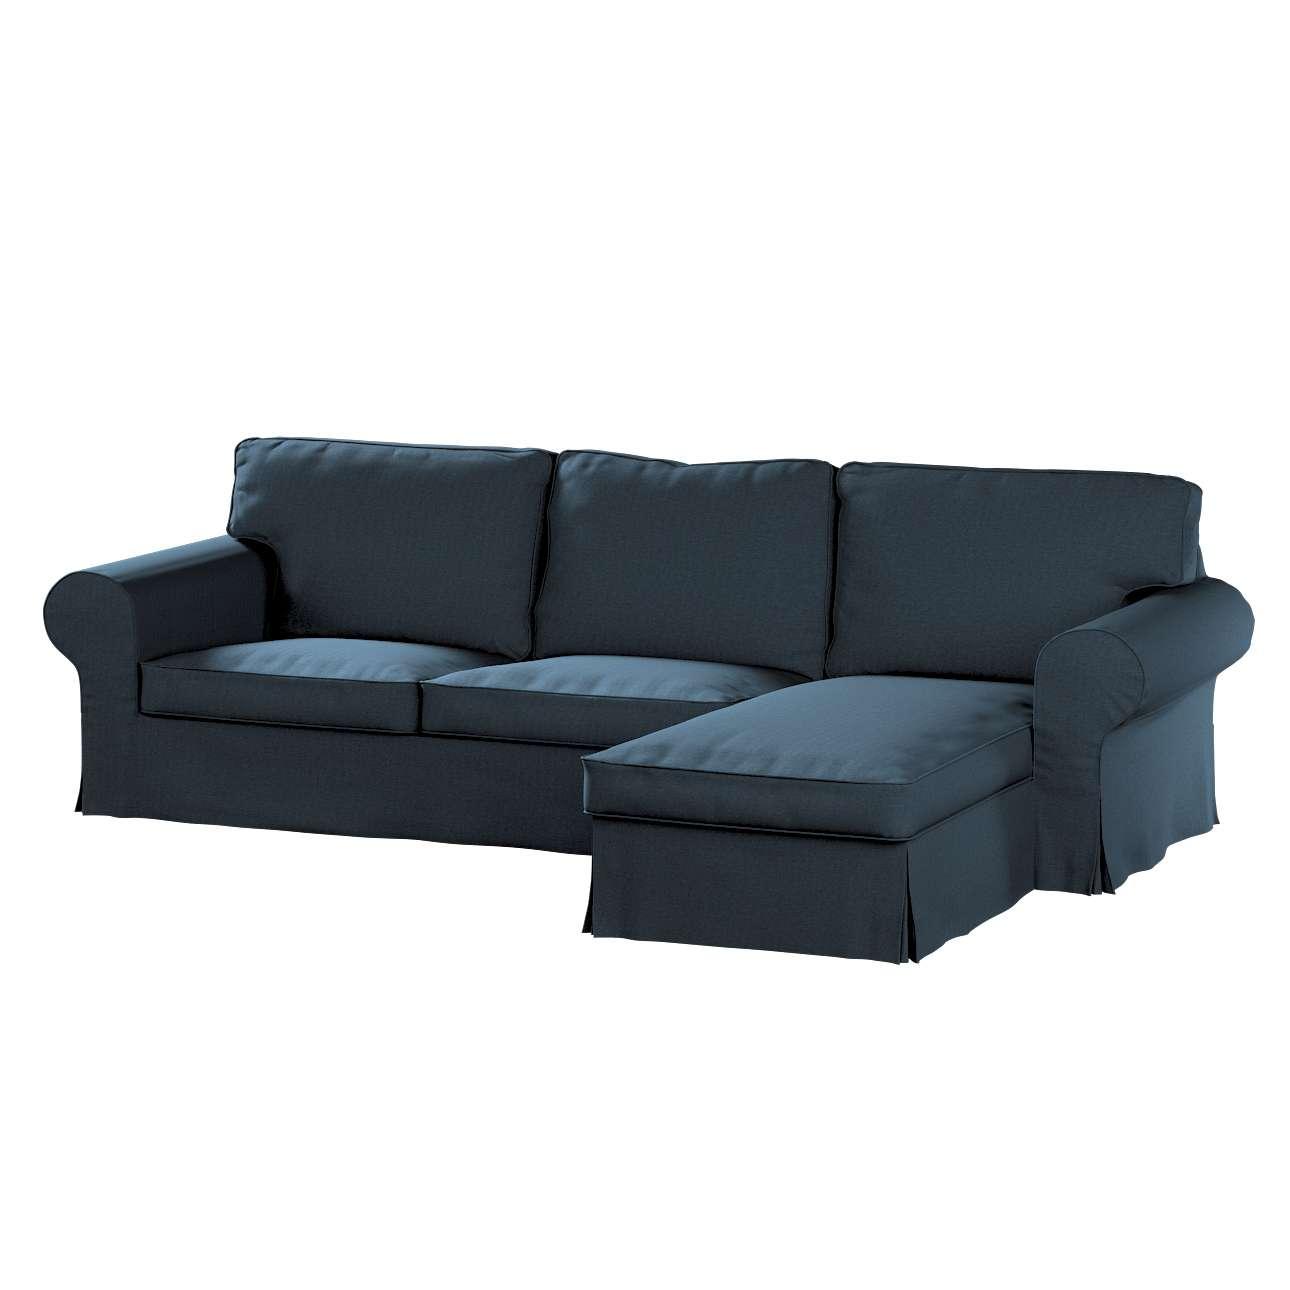 Pokrowiec na sofę Ektorp 2-osobową i leżankę w kolekcji Etna, tkanina: 705-30